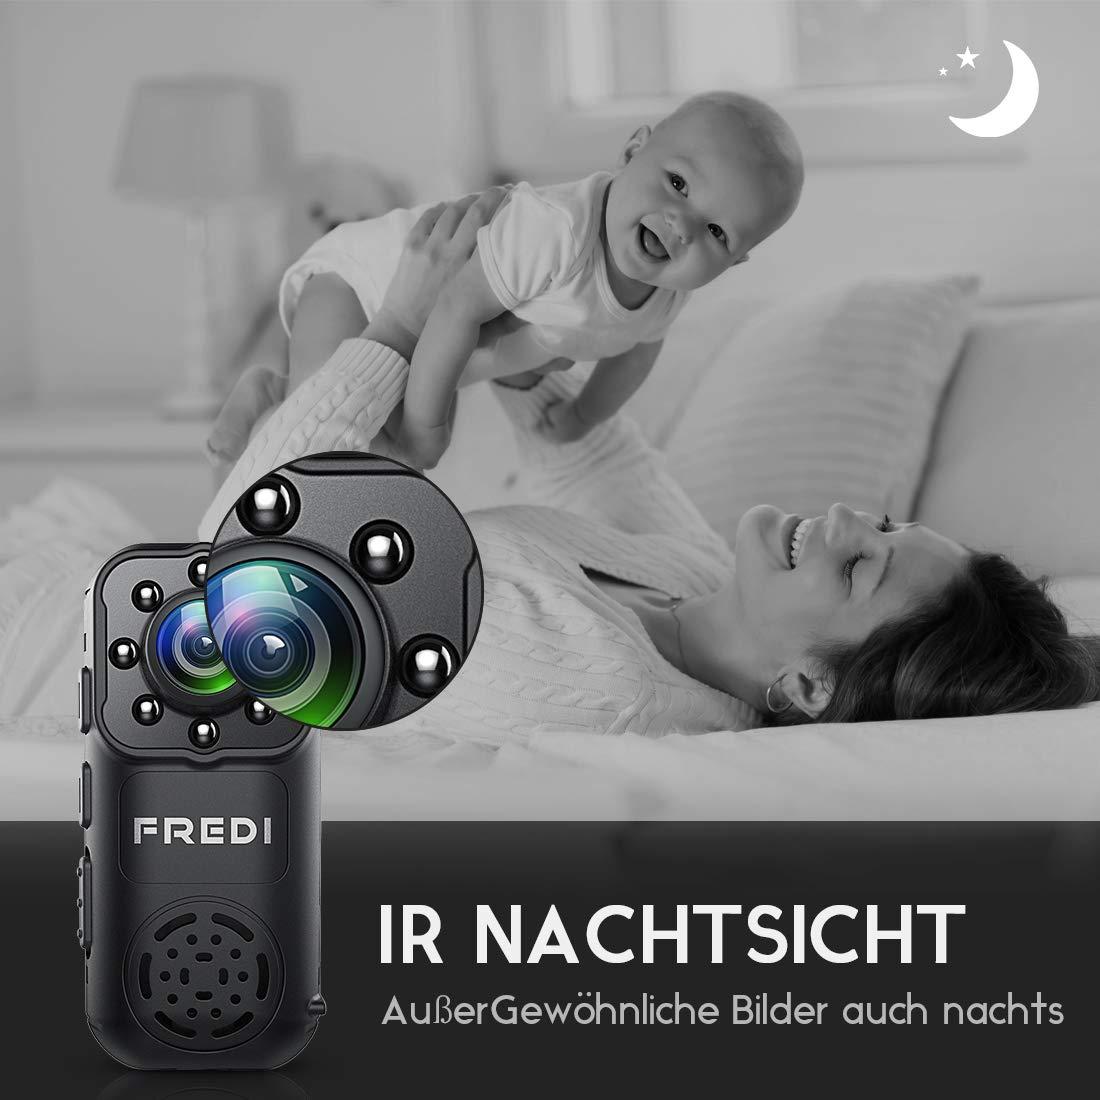 Sicher zu Hause mini wlan kamera überwachungskamera kabellos tragbare IP Überwachungskamera Sicherheit Kamera P2P Kleine mit Bewegungsmelder/IR Nachtsicht mit Akku Innen Außen Haus für IOS Andriod iPhone